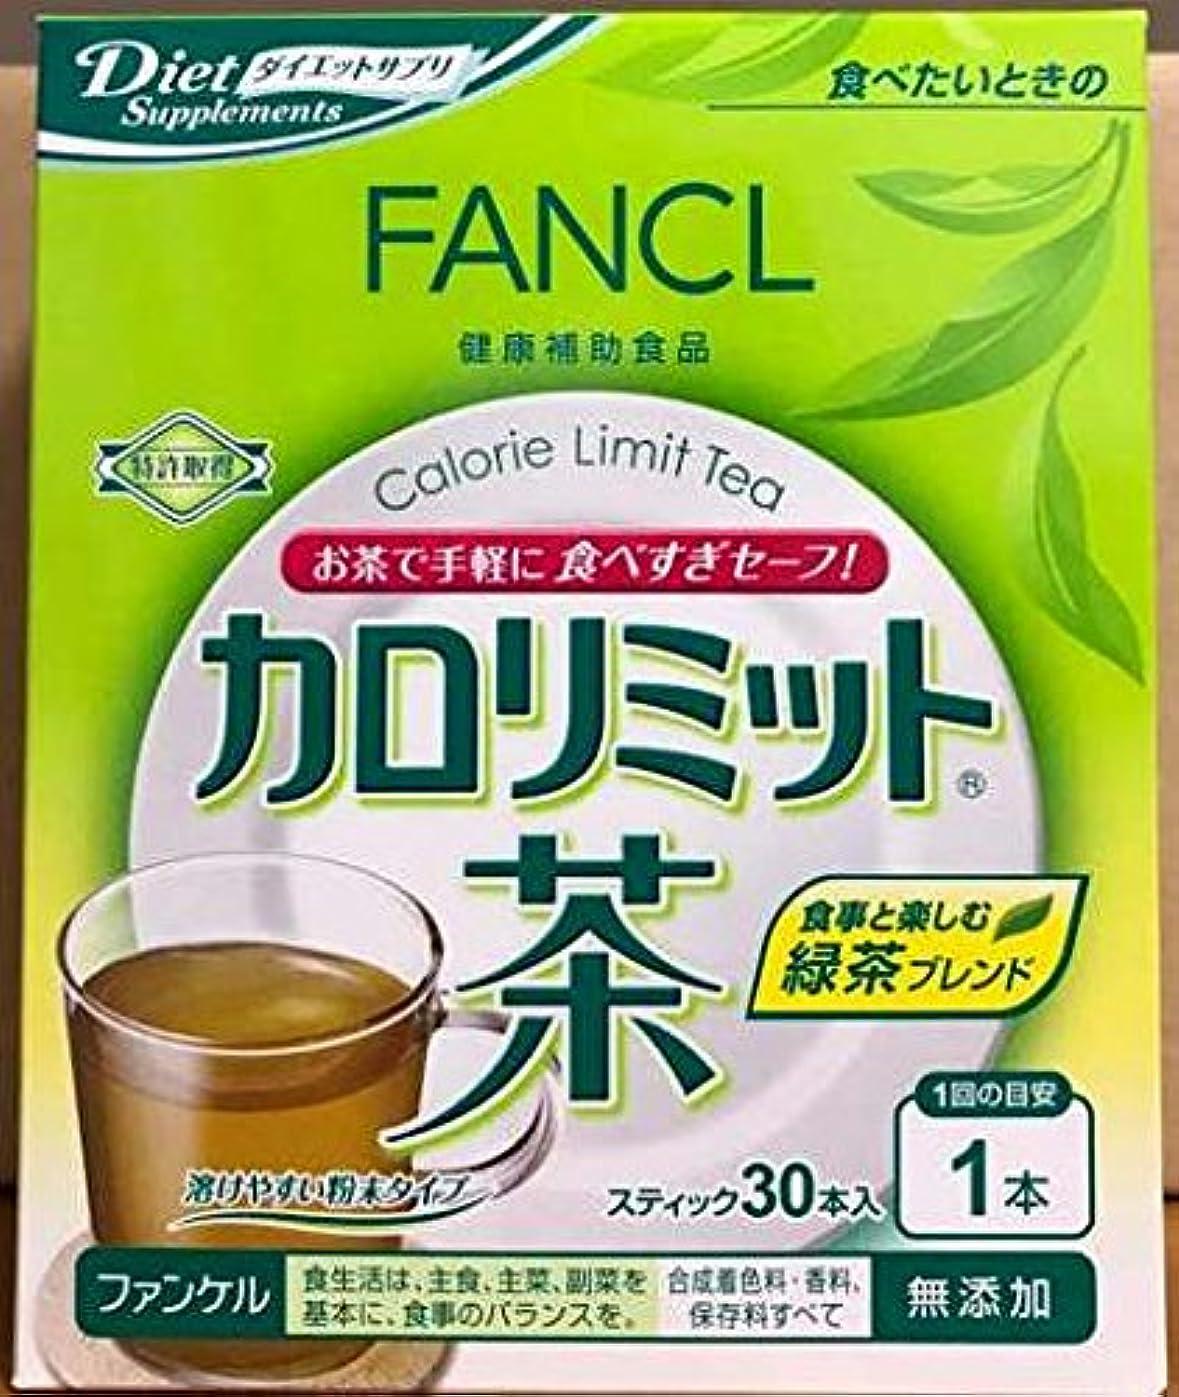 私達メディカルステージFANCL ファンケル カロリミット茶 約30本入り